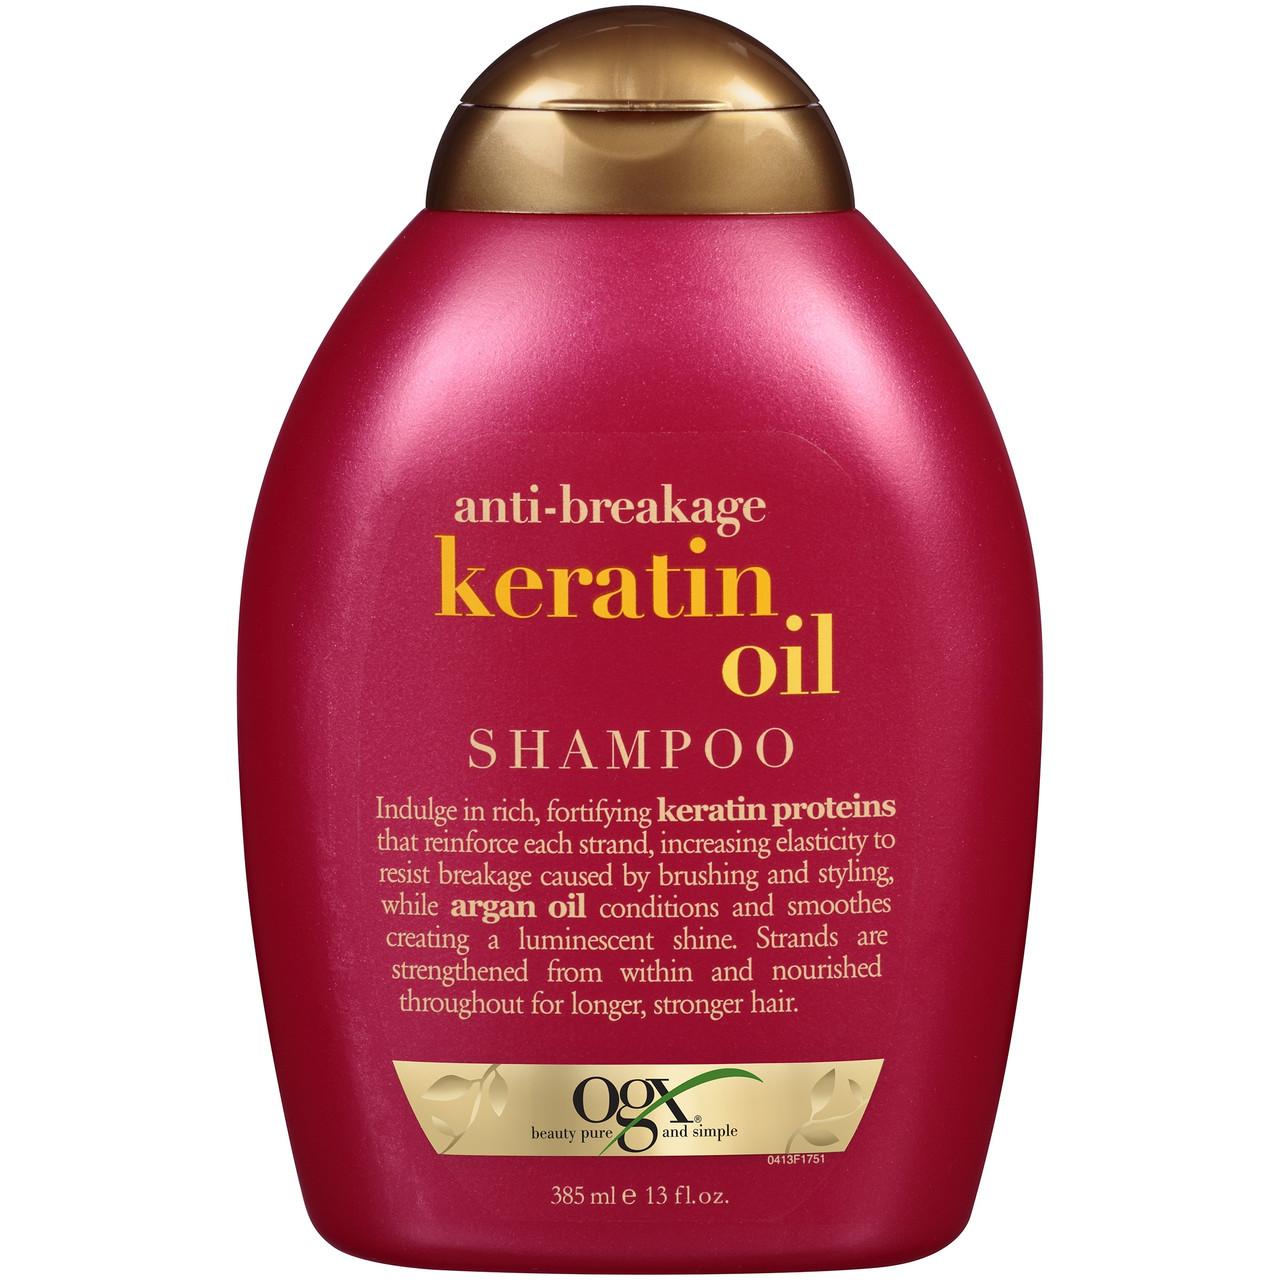 Шампунь OGX® против ломкости волосс кератиновым маслом, 385 мл. Сделано в США.